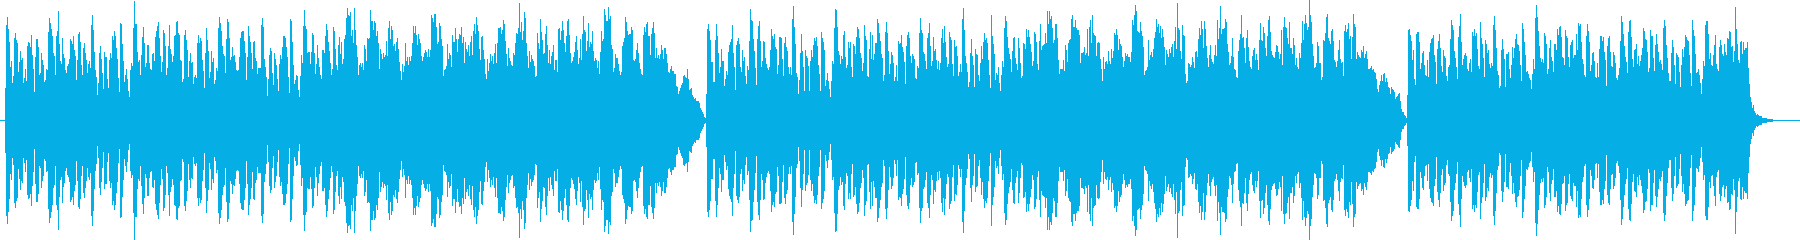 ストリングスとピアノが光る壮大なナンバーの再生済みの波形